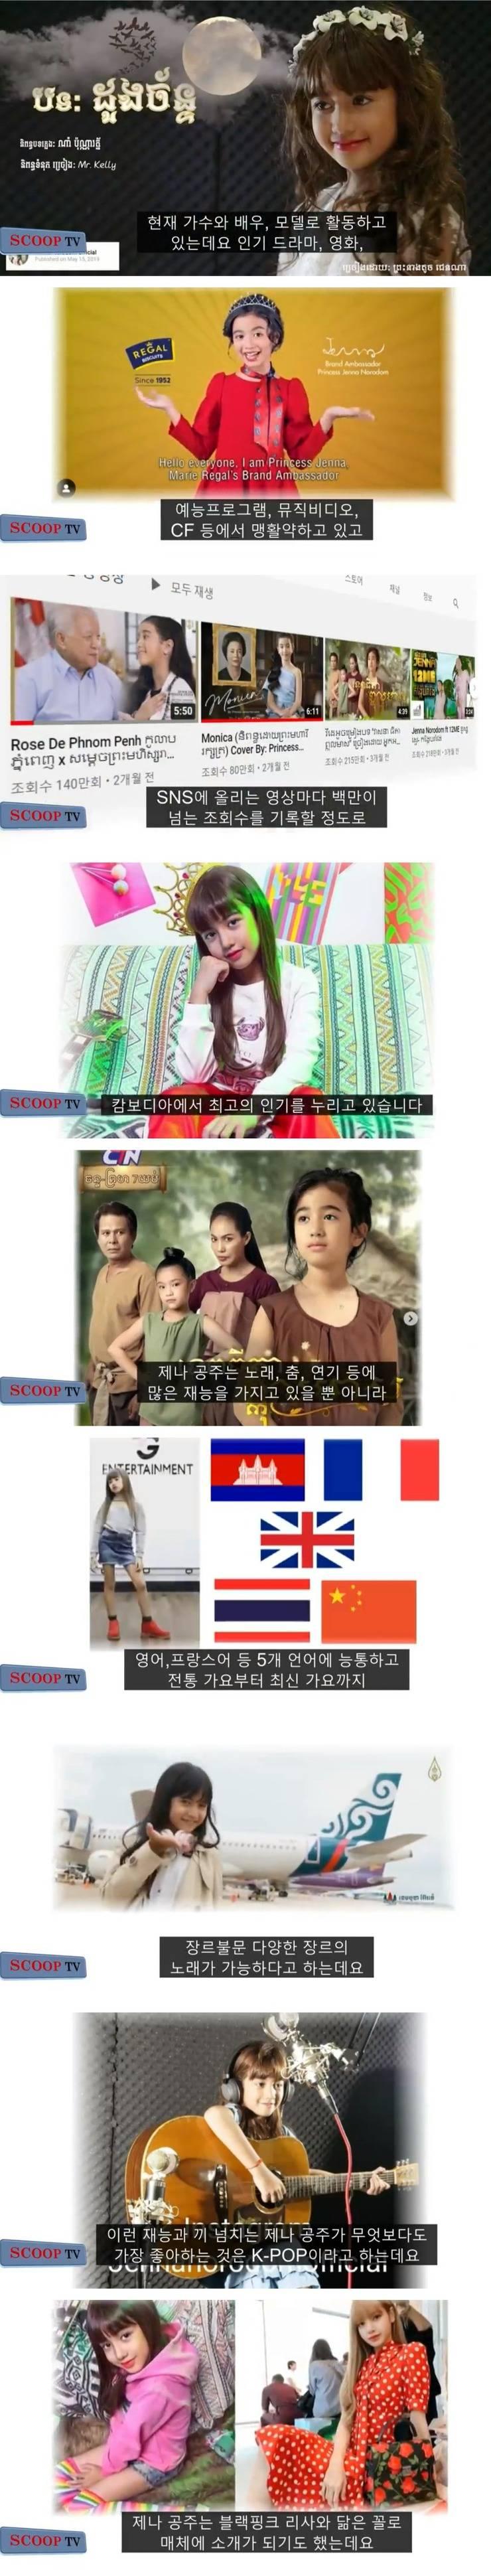 케이팝에 푹빠진 캄보디아 공주 | 인스티즈